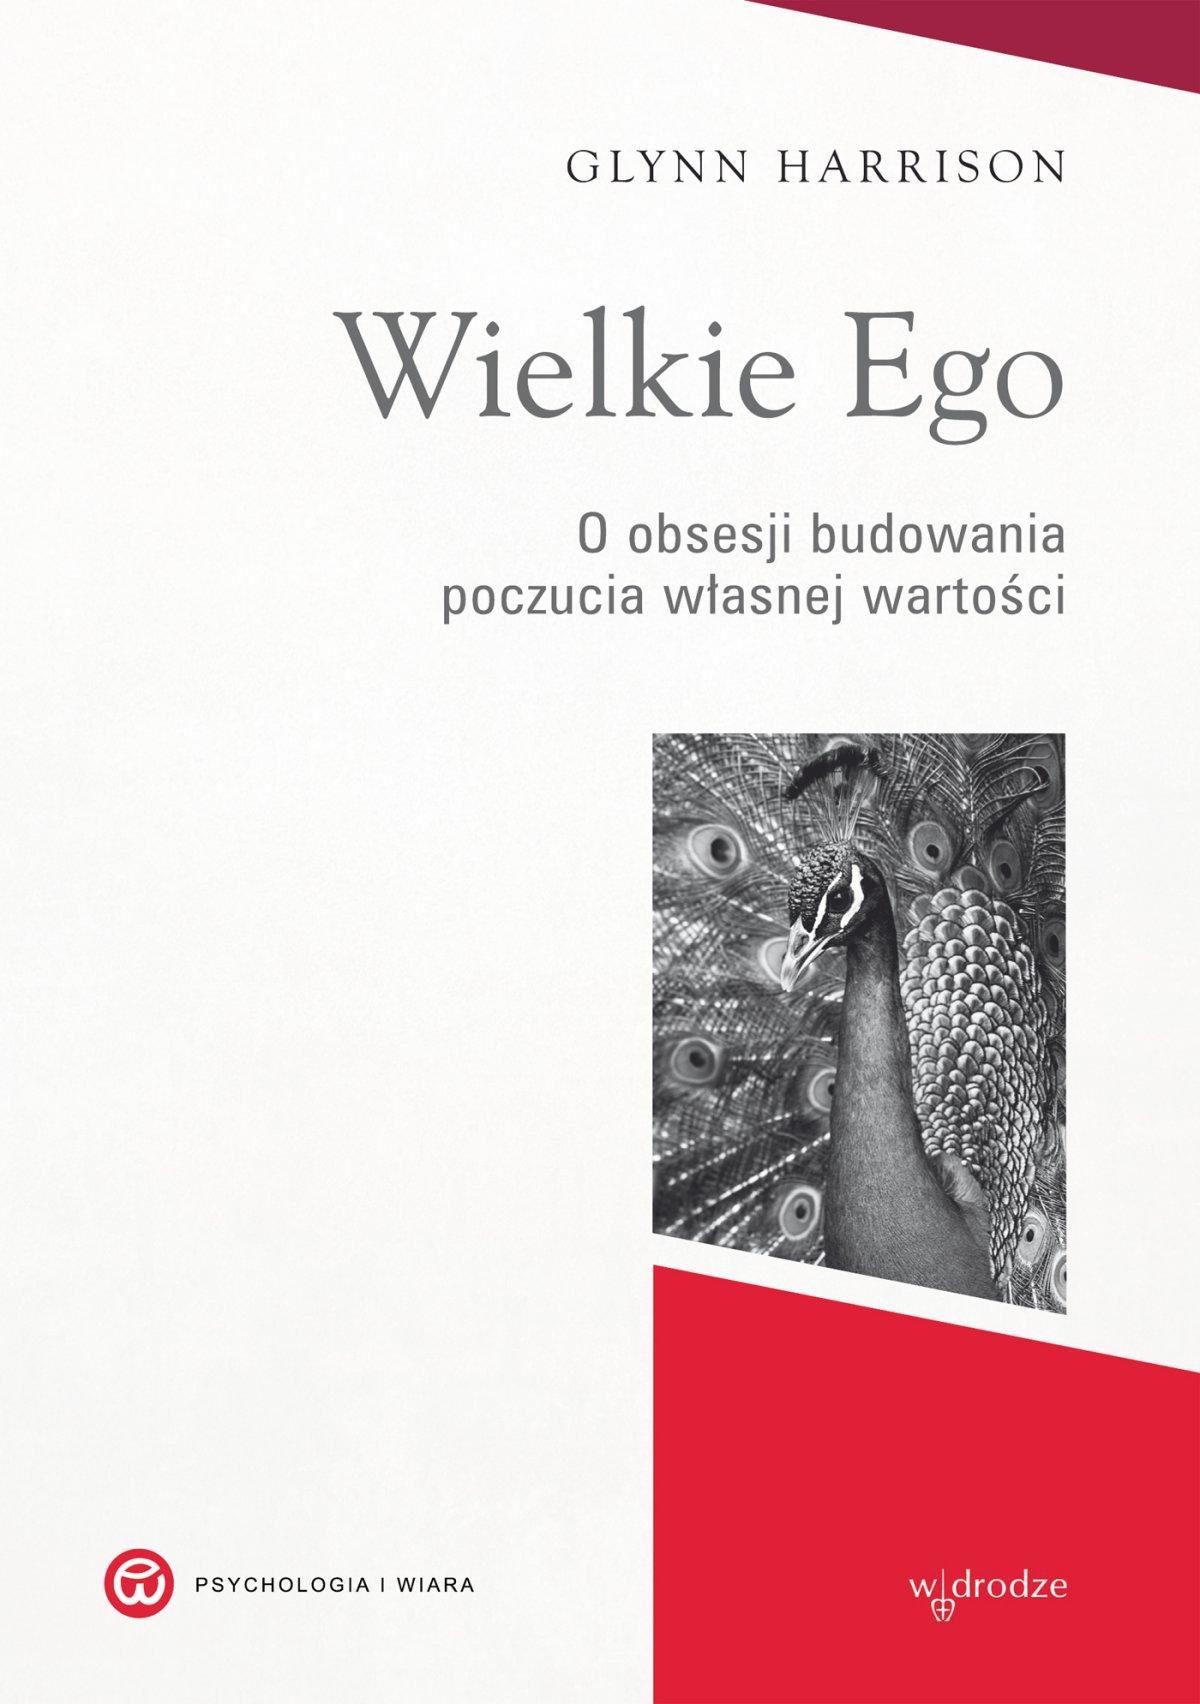 Wielkie Ego. O obsesji budowania własnej wartości - Ebook (Książka PDF) do pobrania w formacie PDF